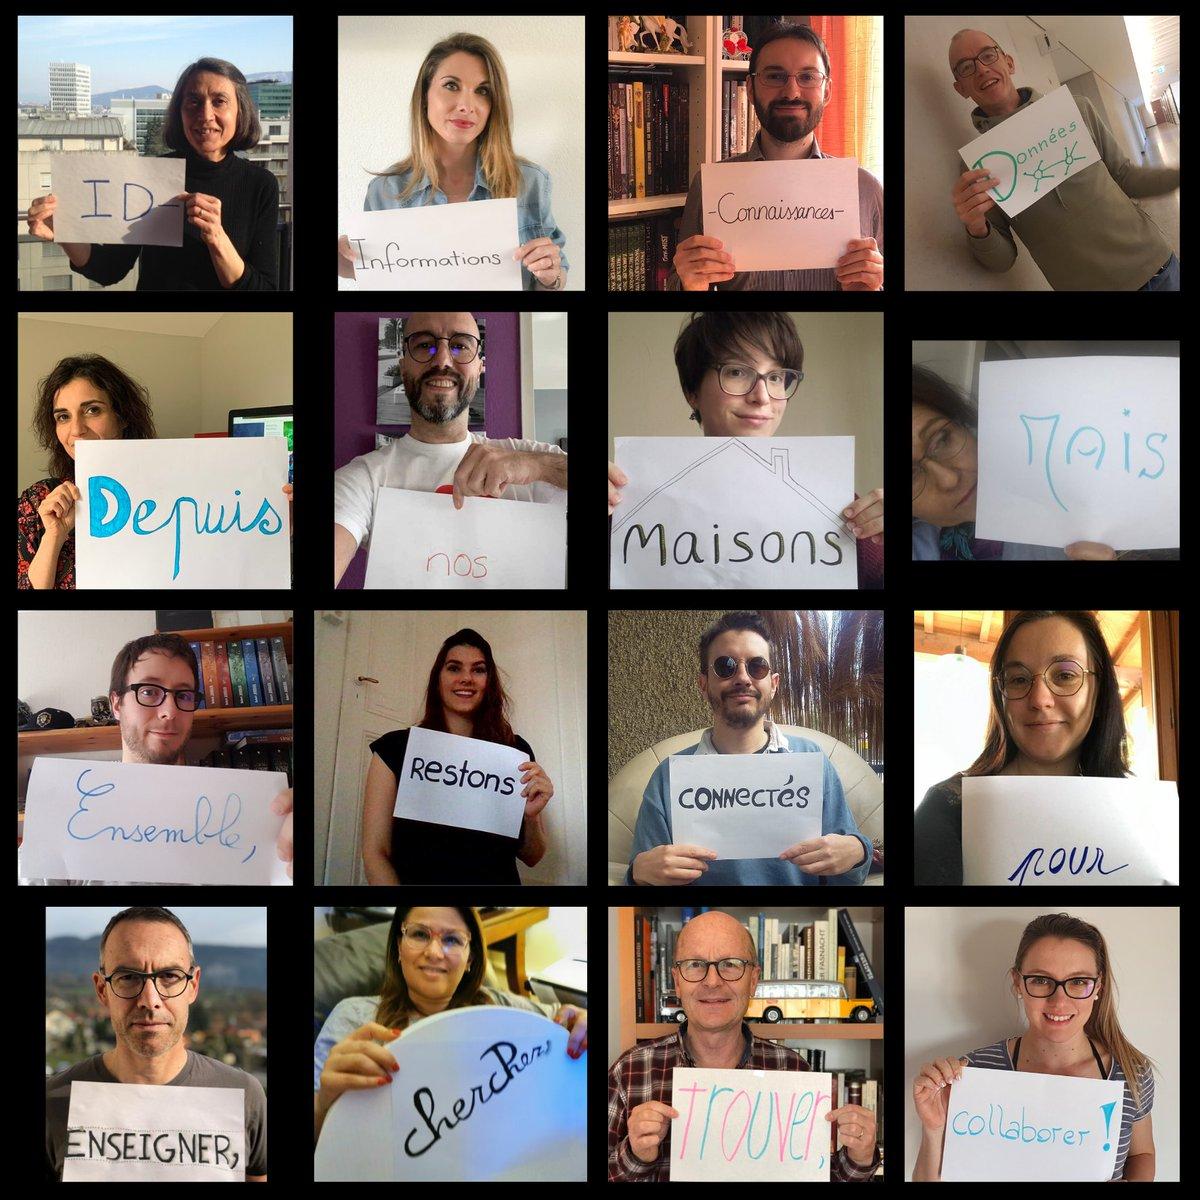 La filière ID de la @HEG_GE est passée au télétravail mais elle continue de collaborer et d'échanger pour assurer la continuité des enseignements, projets et mandats. Merci à nos étudiant-e-s qui ont su s'adapter ! #stayhome #COVID19 #hegid https://t.co/awcKffoZsZ